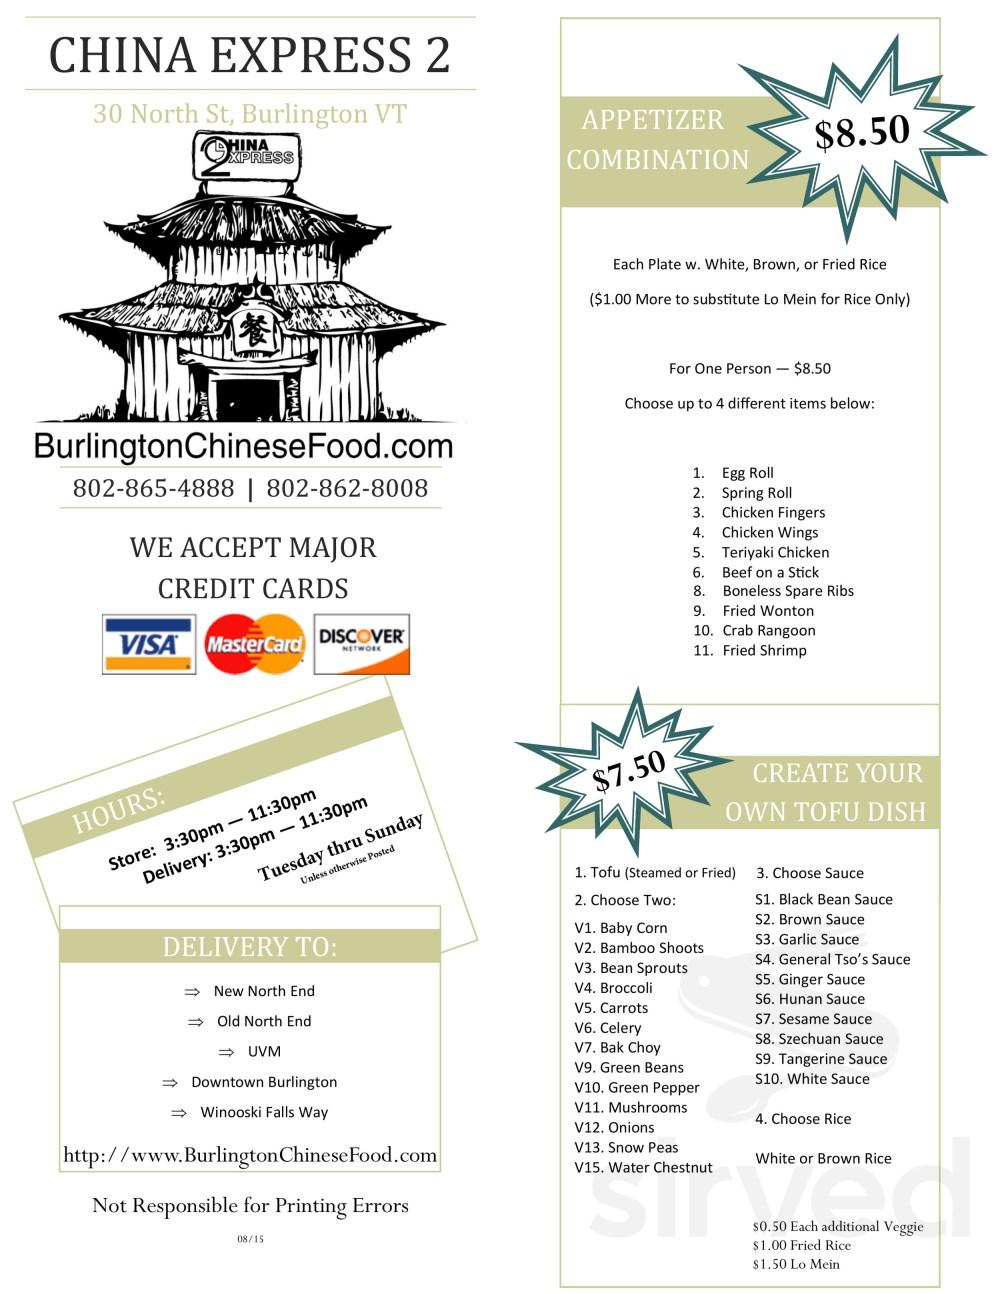 medium resolution of menu for china express 2 main menu page 1 of 4